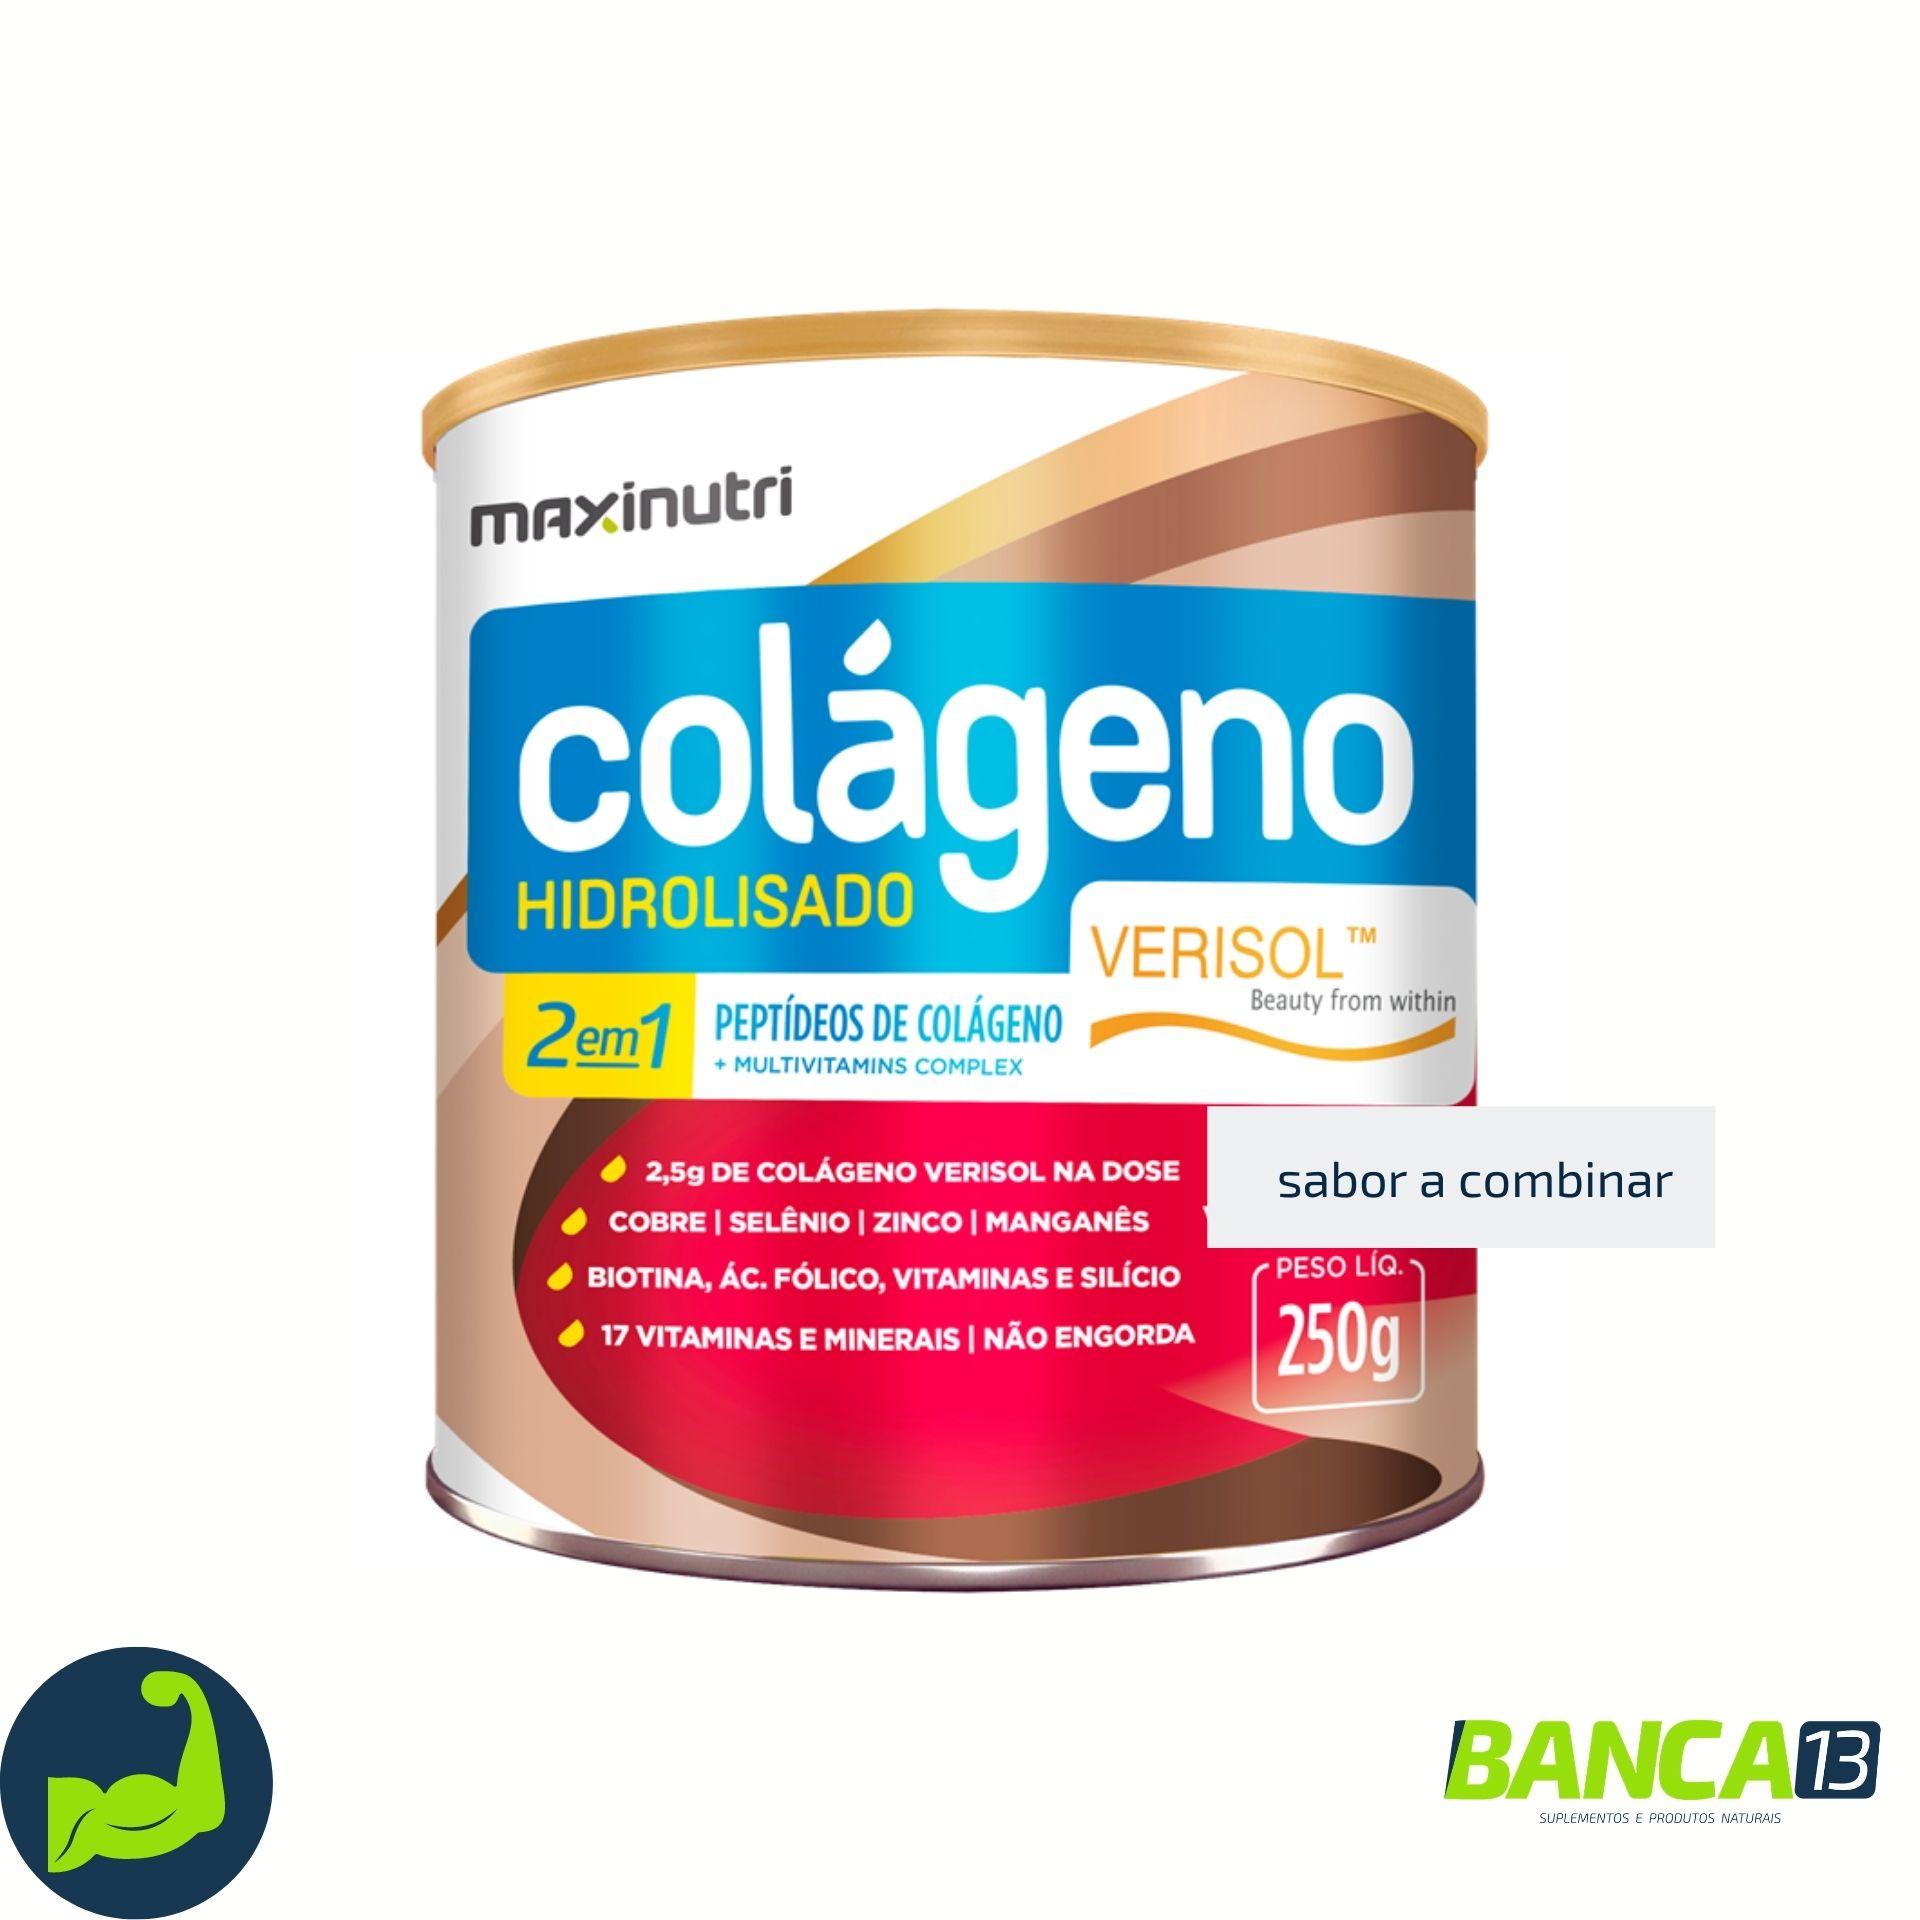 COLÁGENO VERISOL 250g - MAXINUTRI